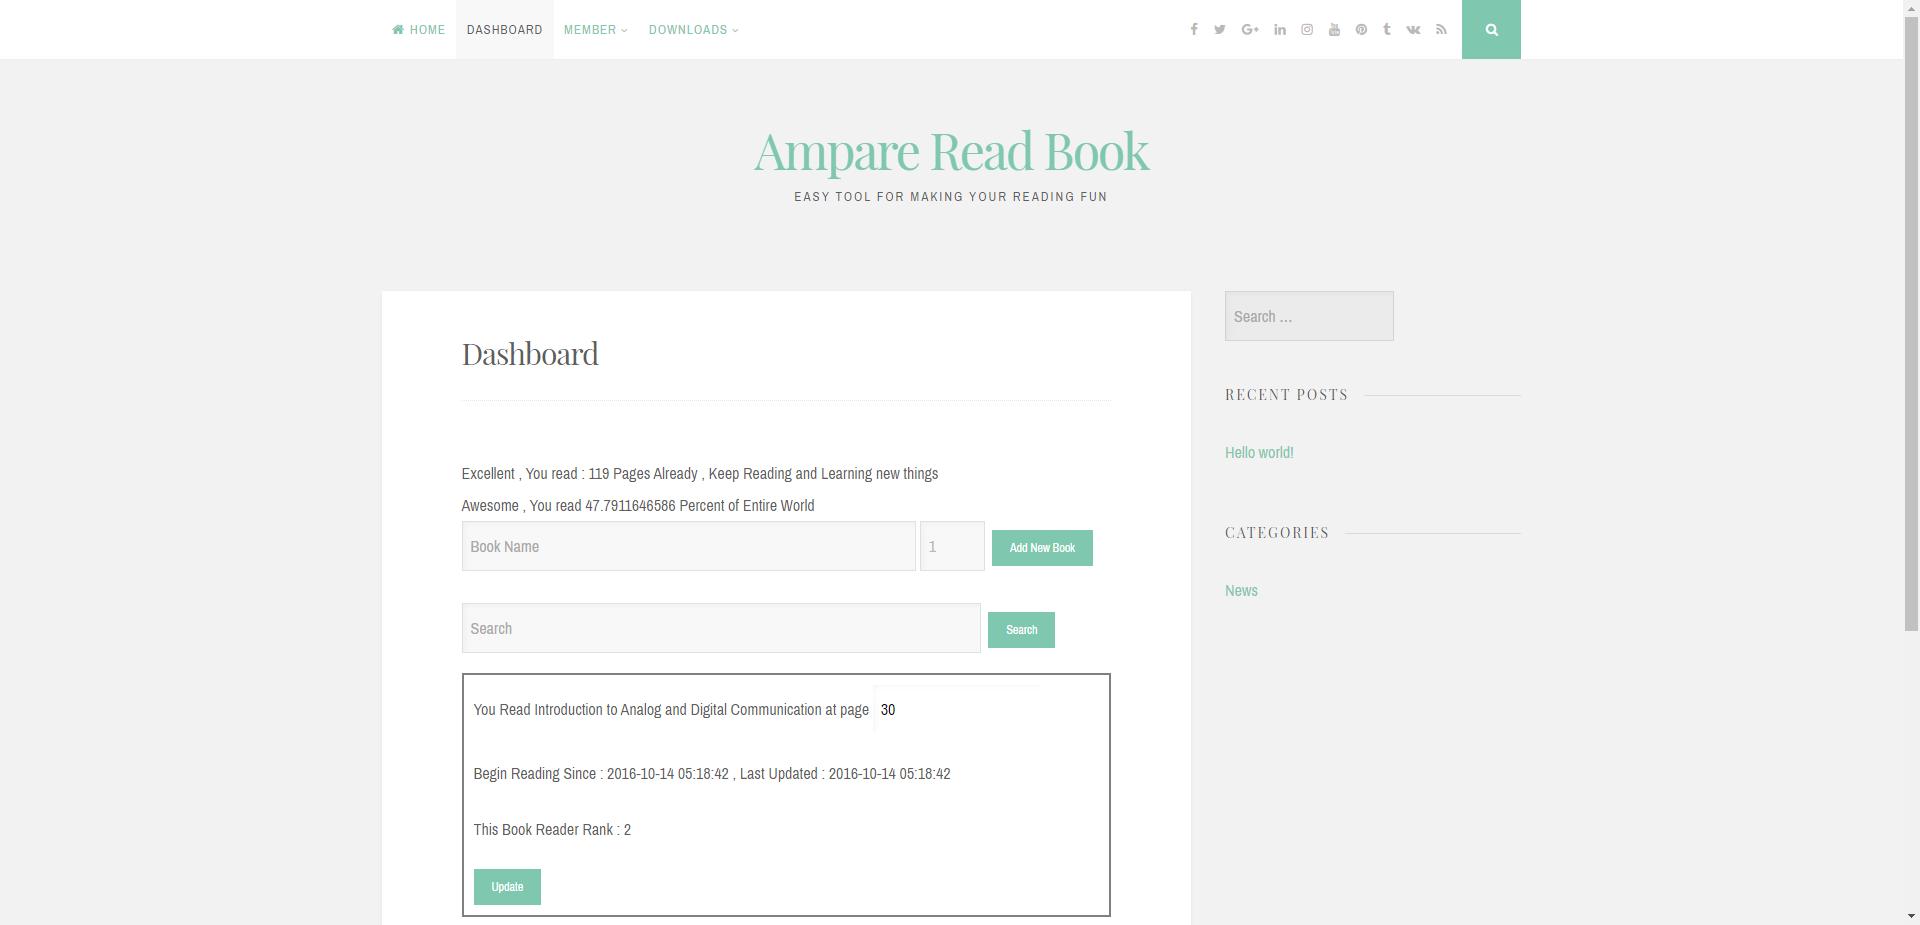 Ampare Read Book